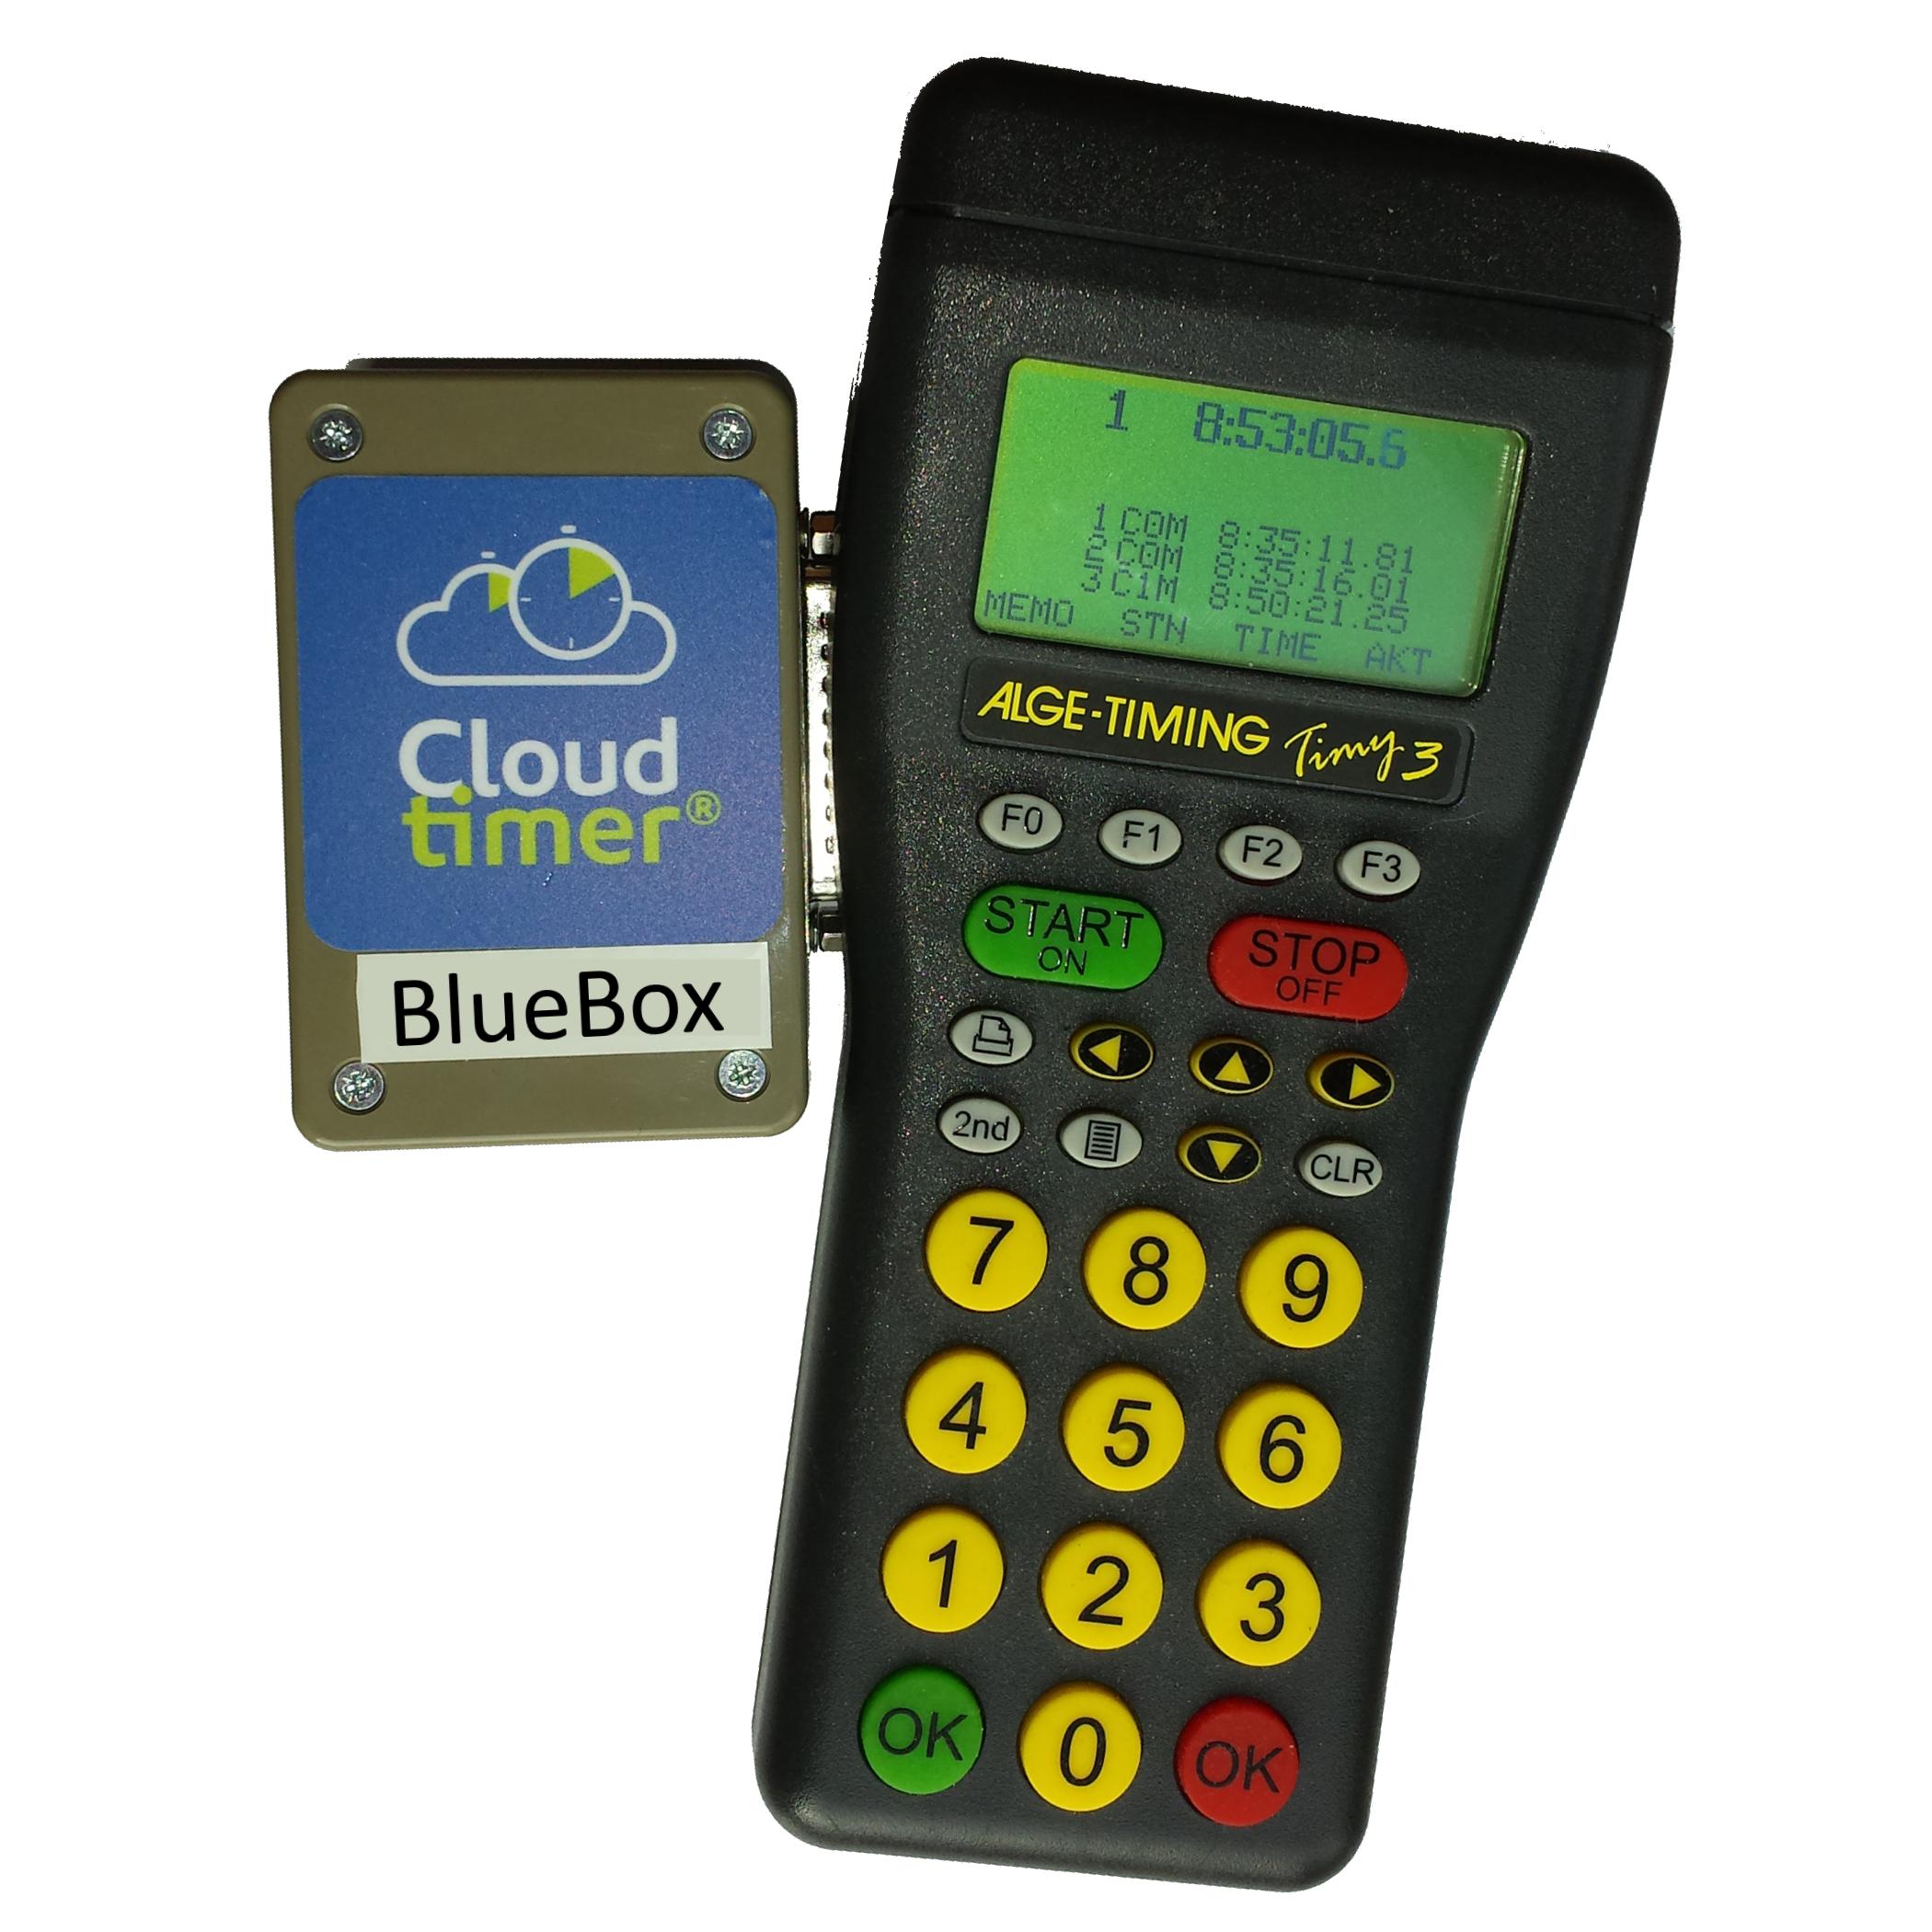 CloudTimer BlueBox